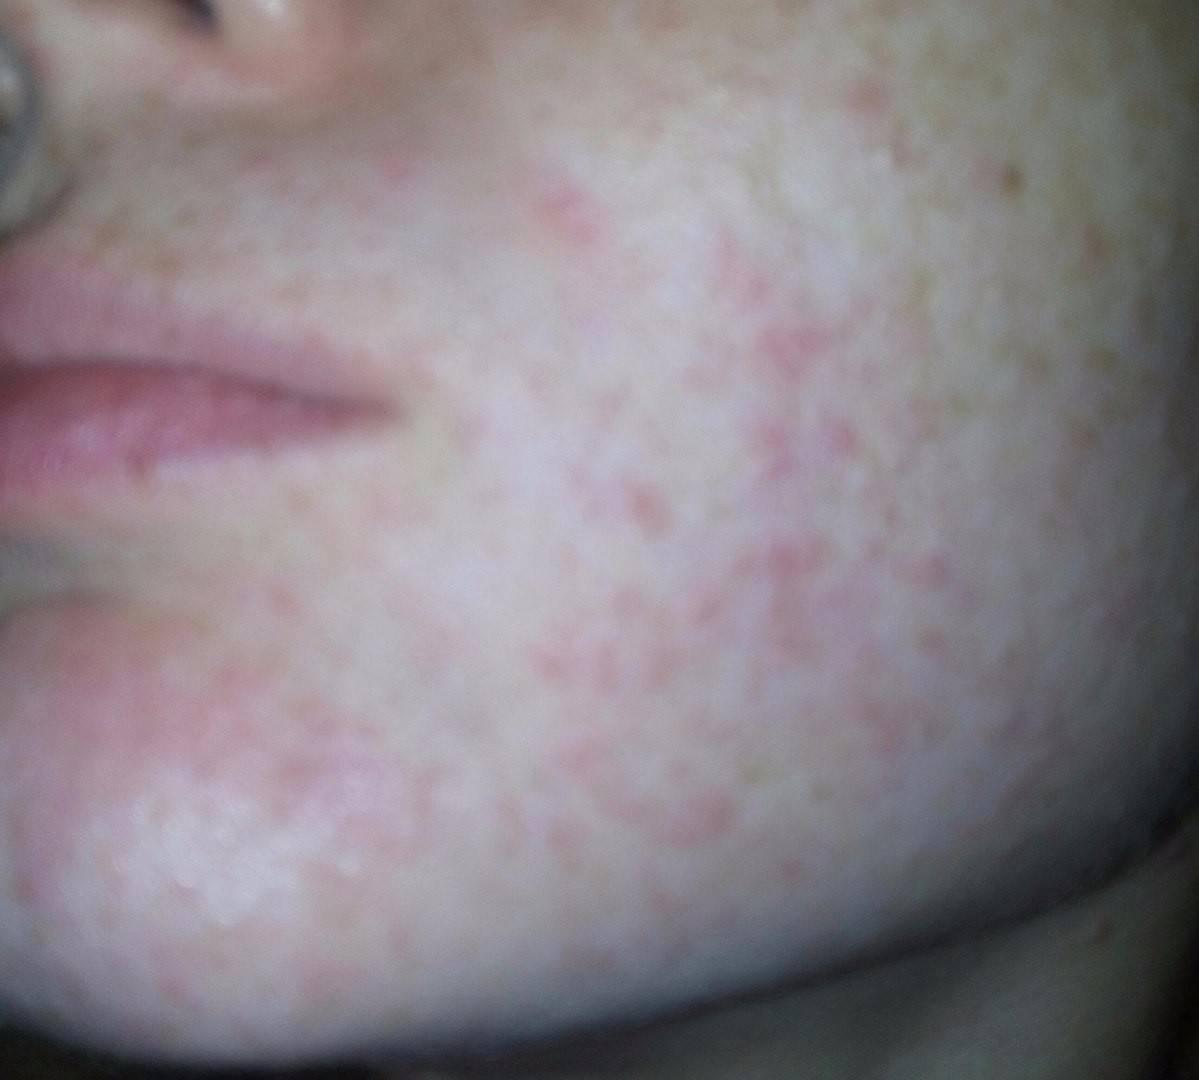 Сыпь на носу у ребенка фото с пояснениями